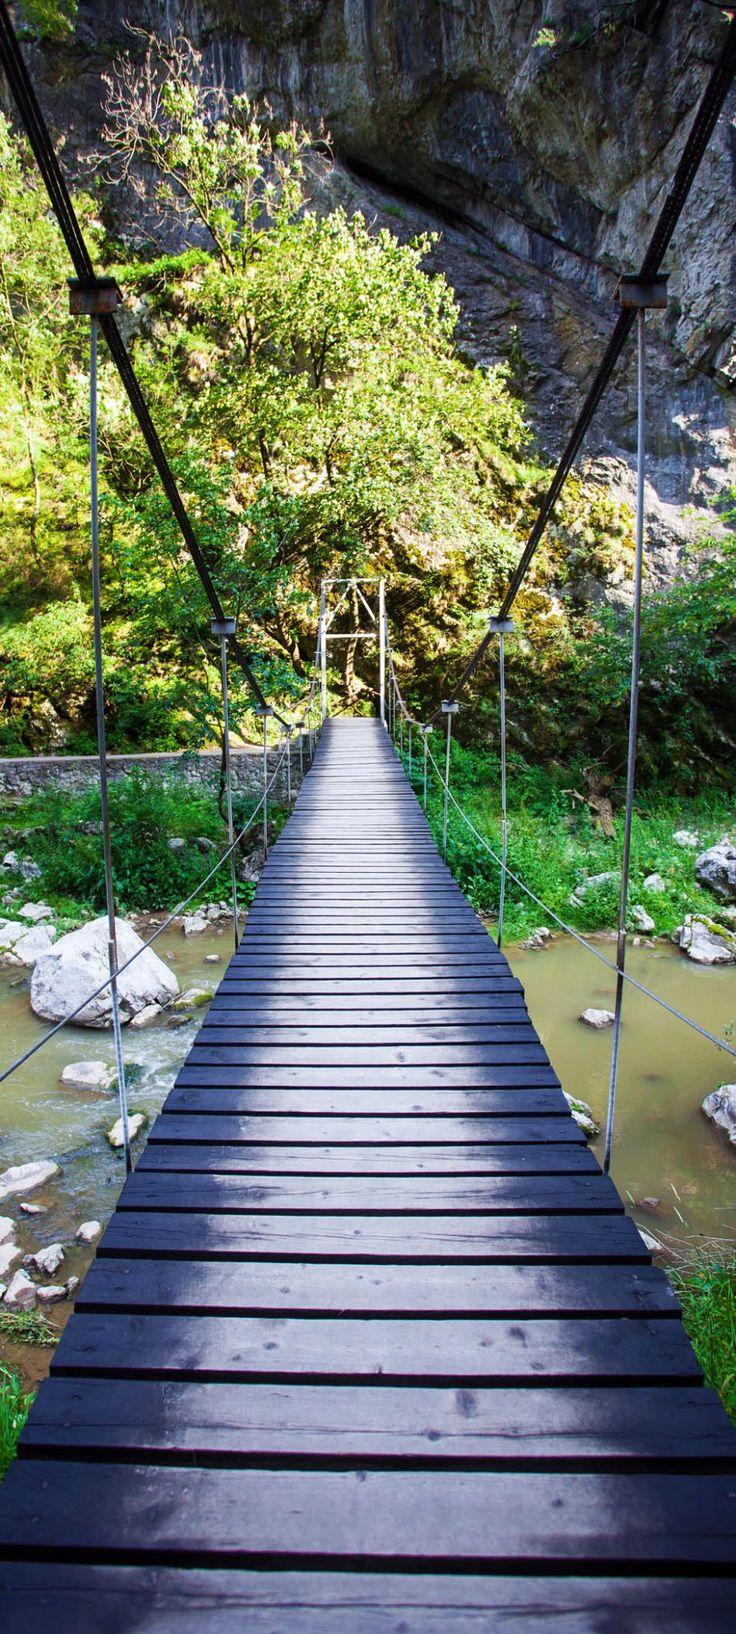 Suspended bridge in Turda Gorges National Park, Transylvania - Romania | Discover Amazing Romania through 44 Spectacular Photos